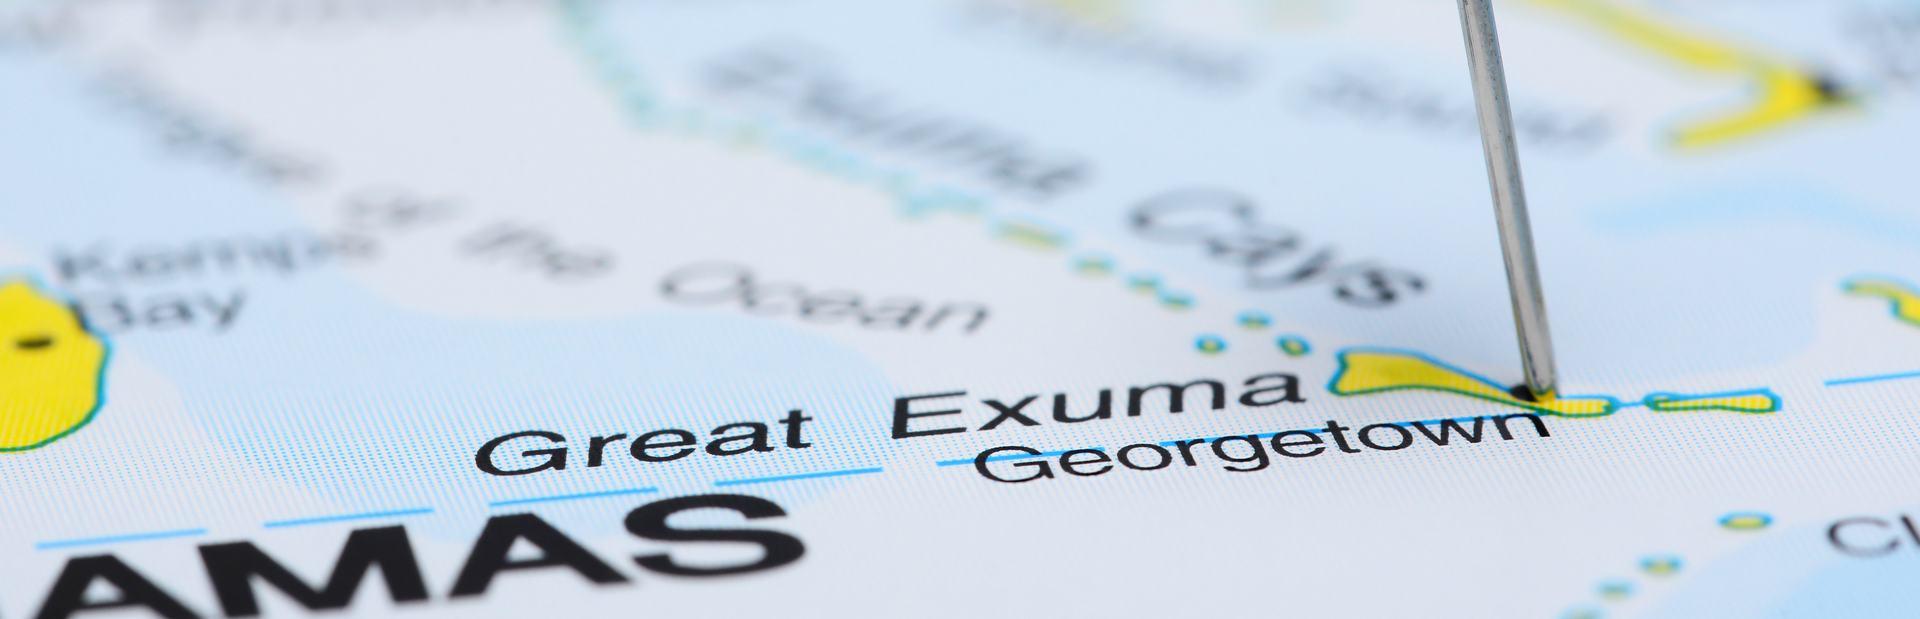 The Exumas interactive map